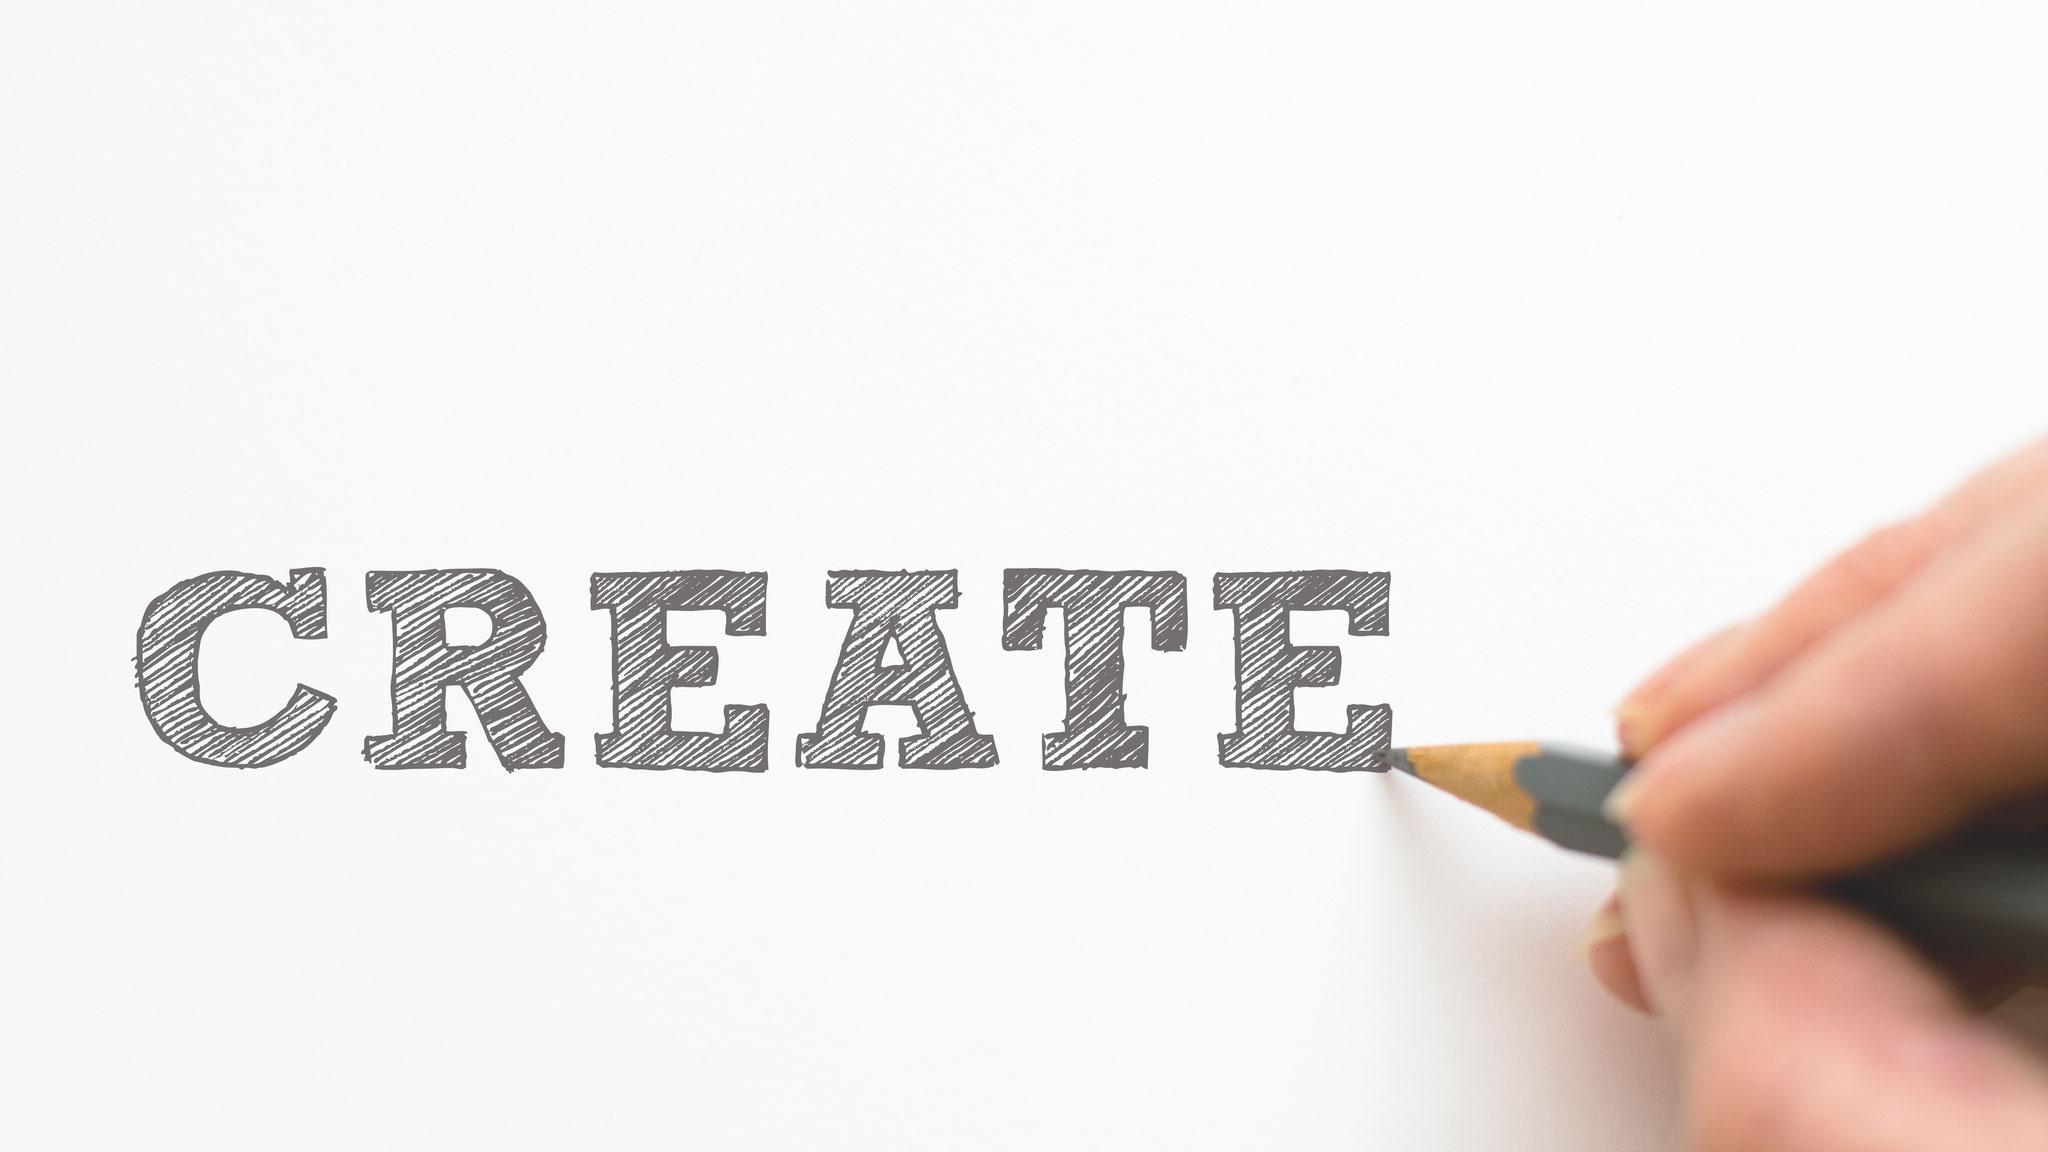 Grafik Agentur - Wir setzen Sie in Szene und kreieren neue Logos, Broschüren, Flyer, Newsletter, Banner, Plakate etc.